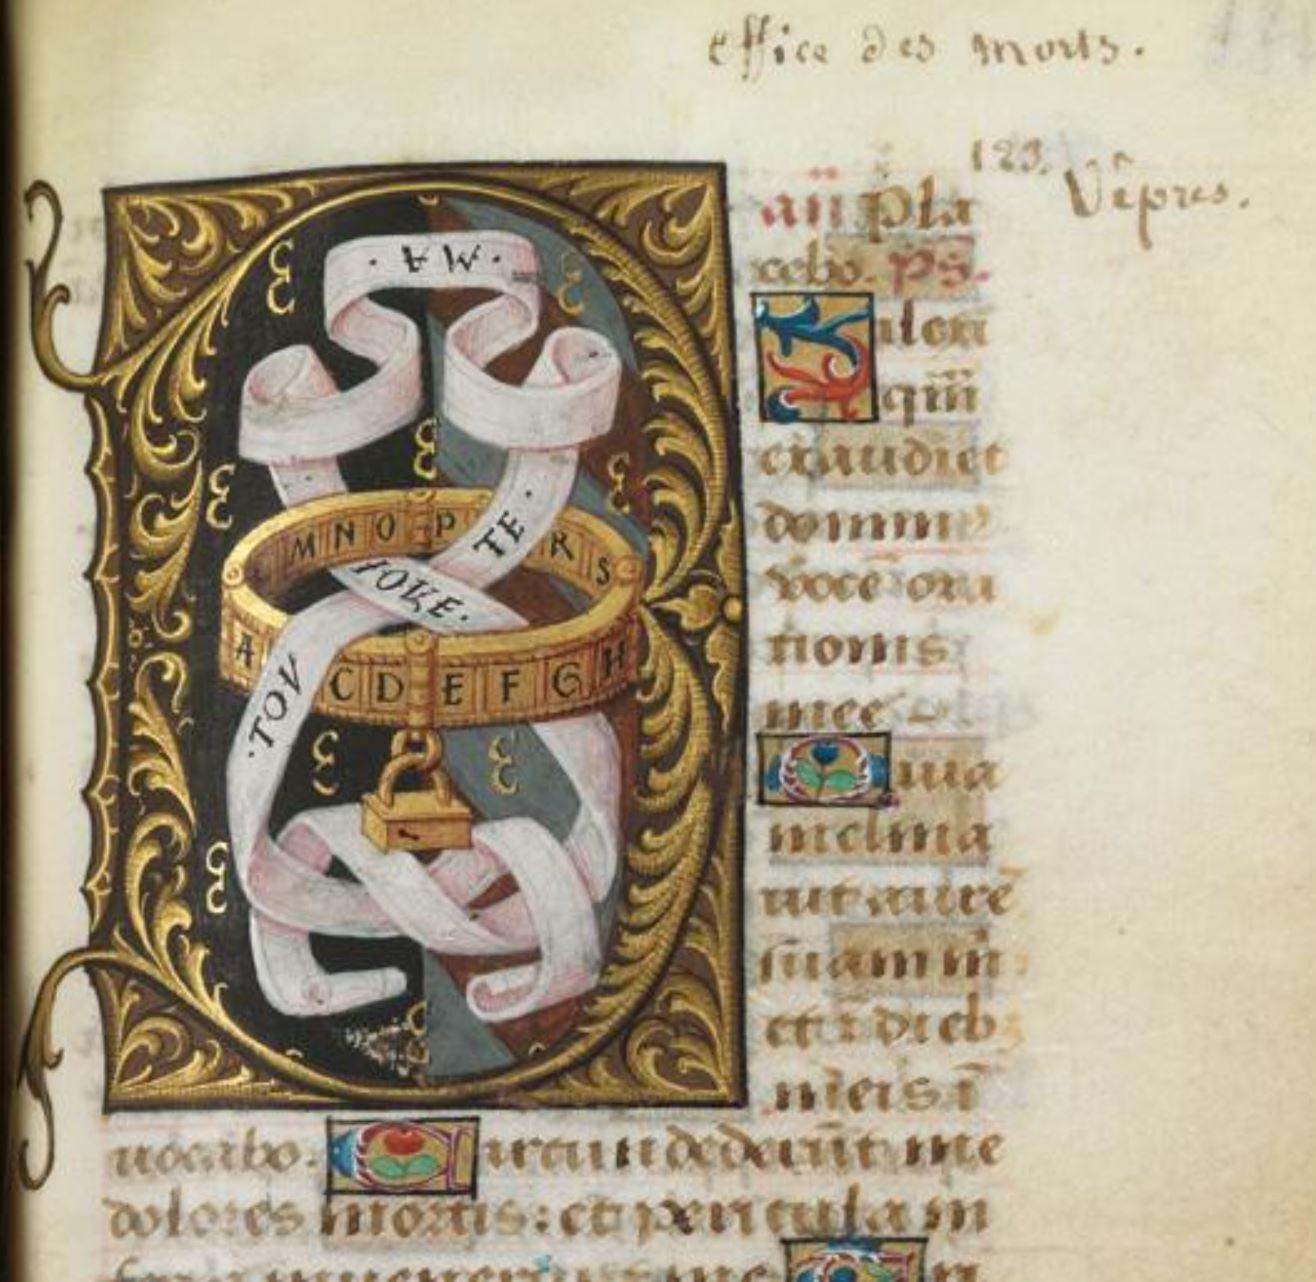 Bibliotheque de l'Ecole des Beaux-Arts, Ms.Mas 0137 p 123h